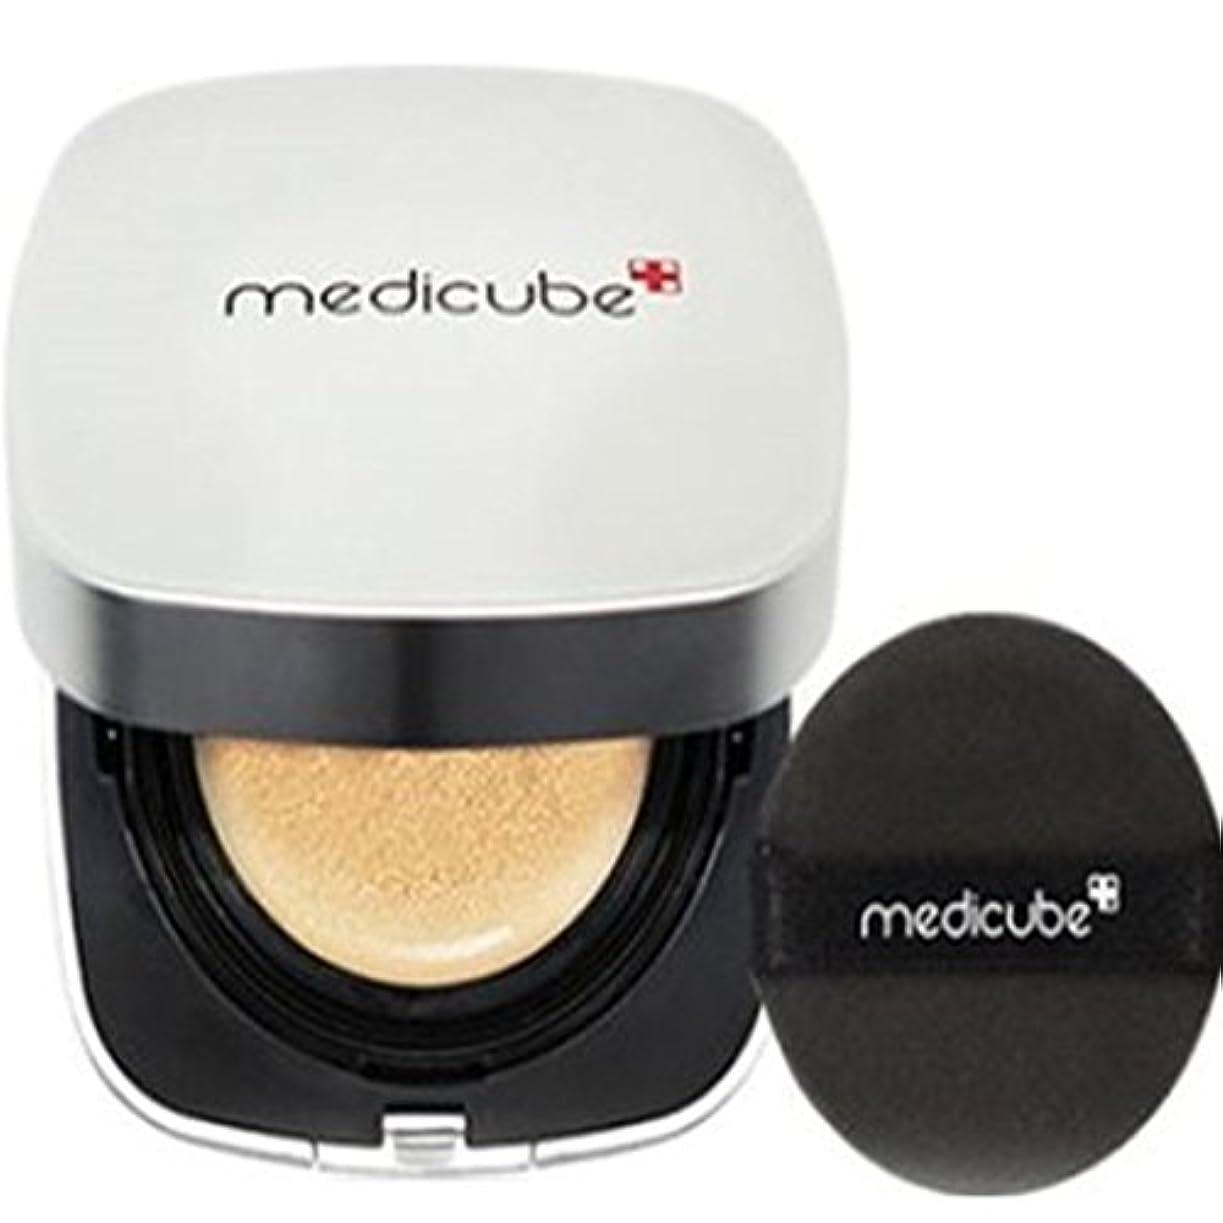 アンビエント忘れる急襲[Medicube メディキューブ] レッドクッション - シェード23号ナチュラルベージュ / Red Cushion - Shade 23 Natural Beige [並行輸入品]